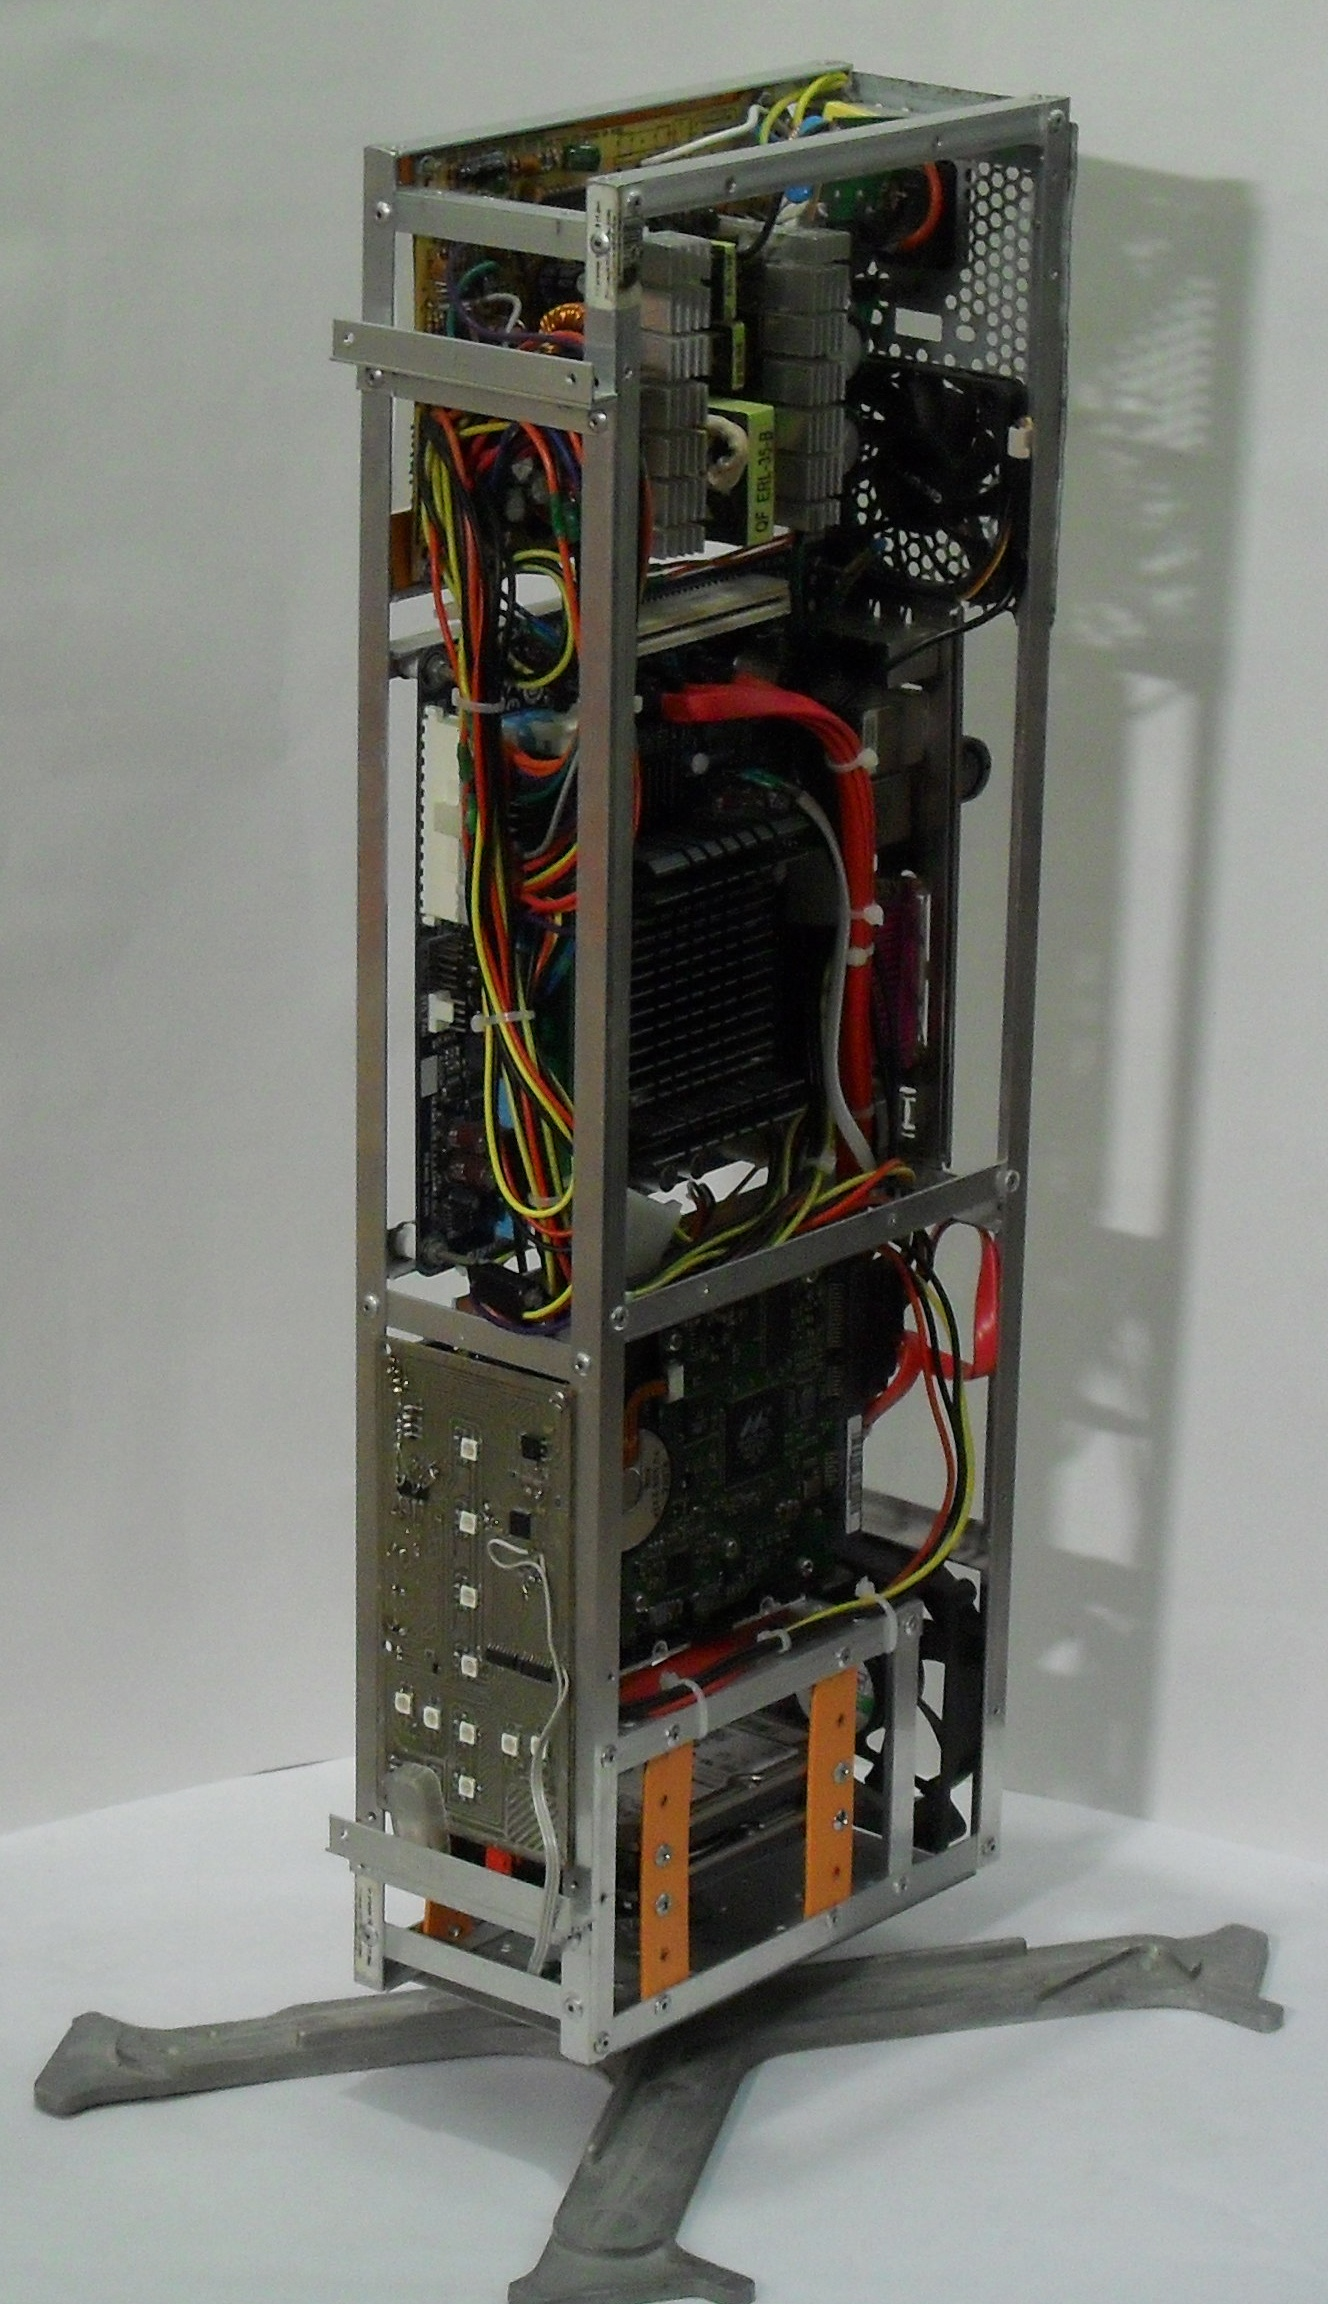 Еще один сервер из подручных средств с претензией на красоту - 35